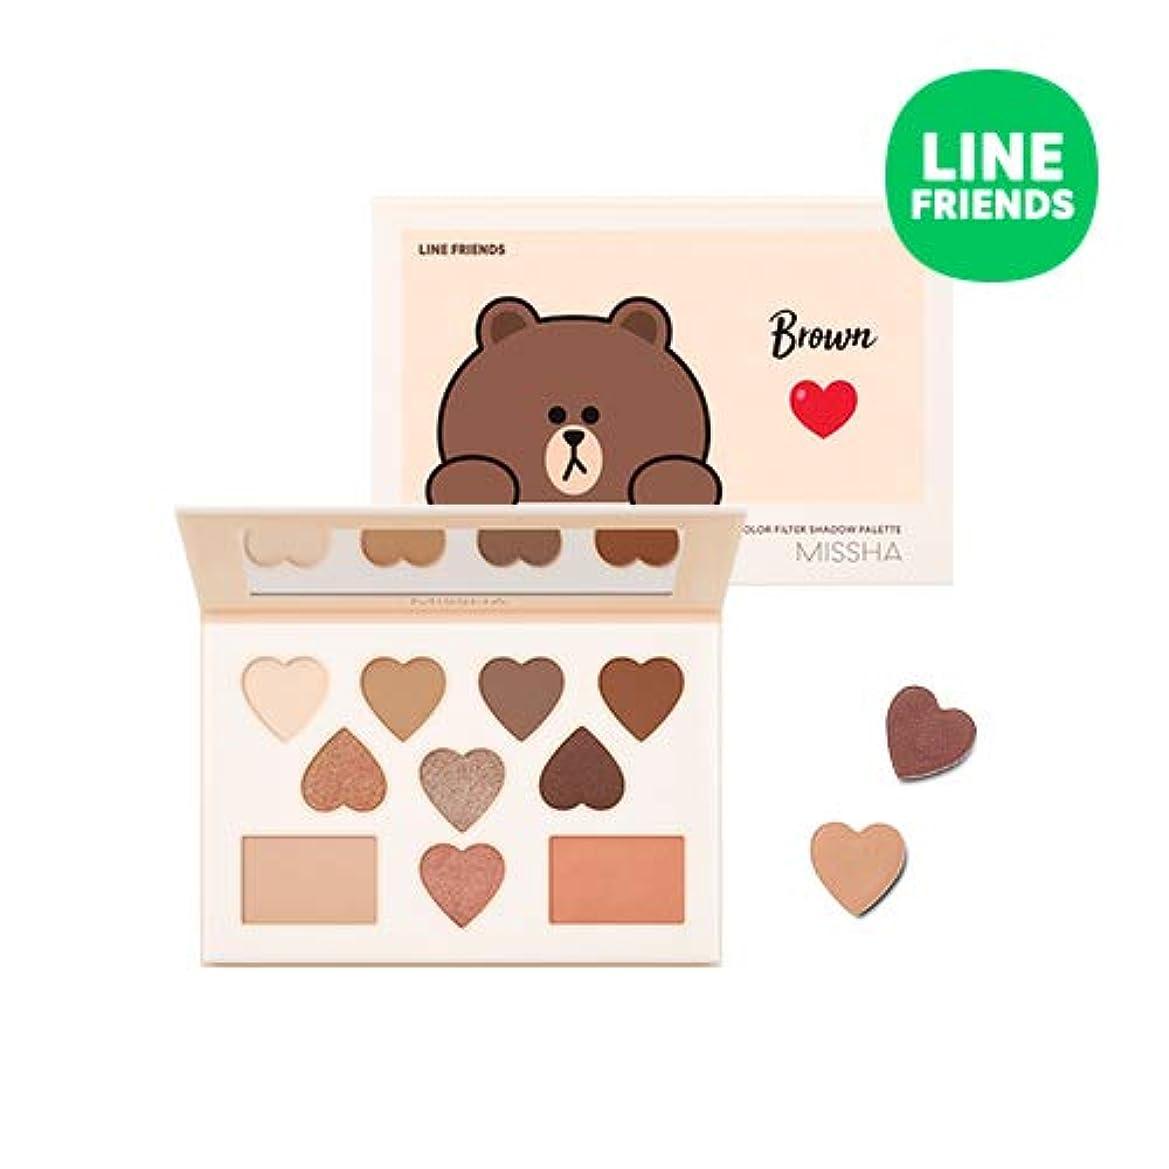 極地測定可能死傷者ミシャ[ラインフレンズエディション] カラー フィルター シャドウ パレット MISSHA [Line Friends Edition] Color Filter Shadow Palette #5. Brown [並行輸入品]